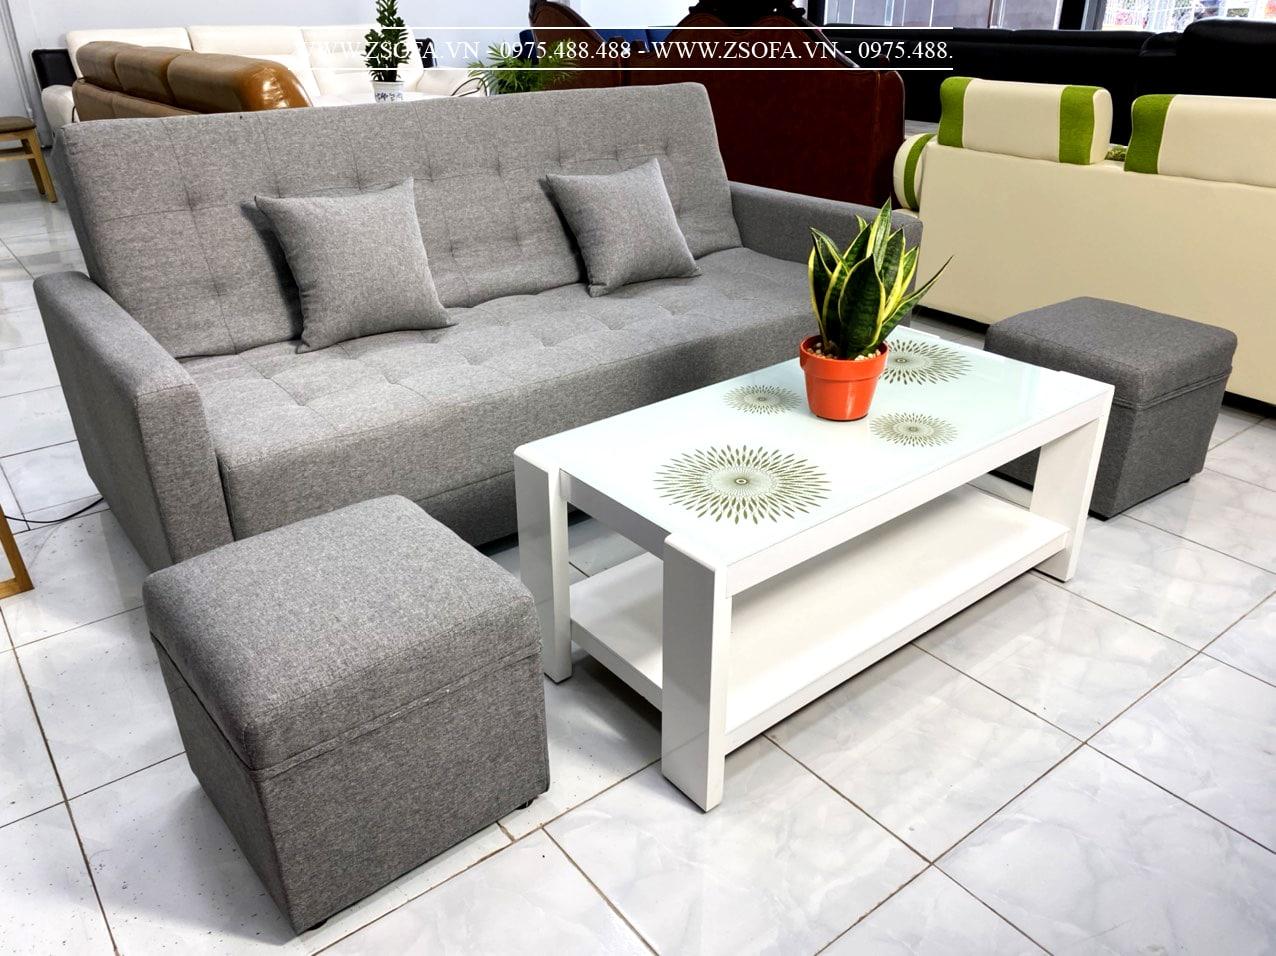 Sofa đa năng ZD117